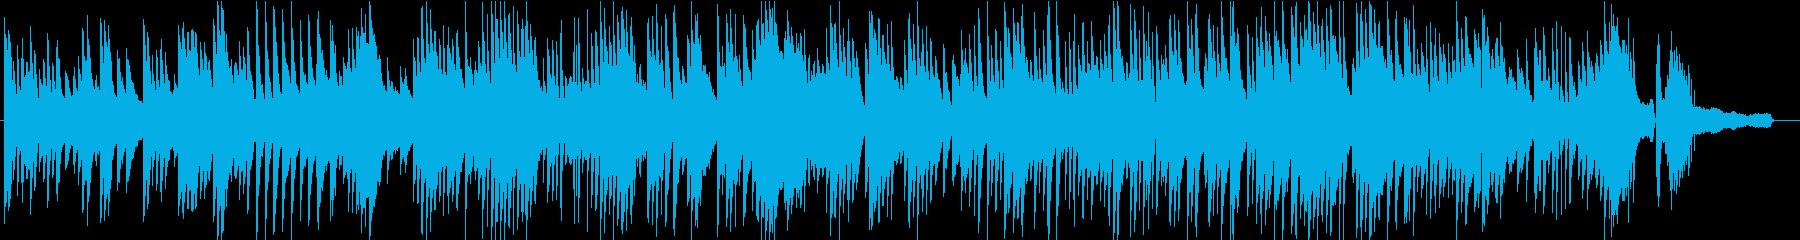 さりげなく使いやすい静かなピアノソBGMの再生済みの波形